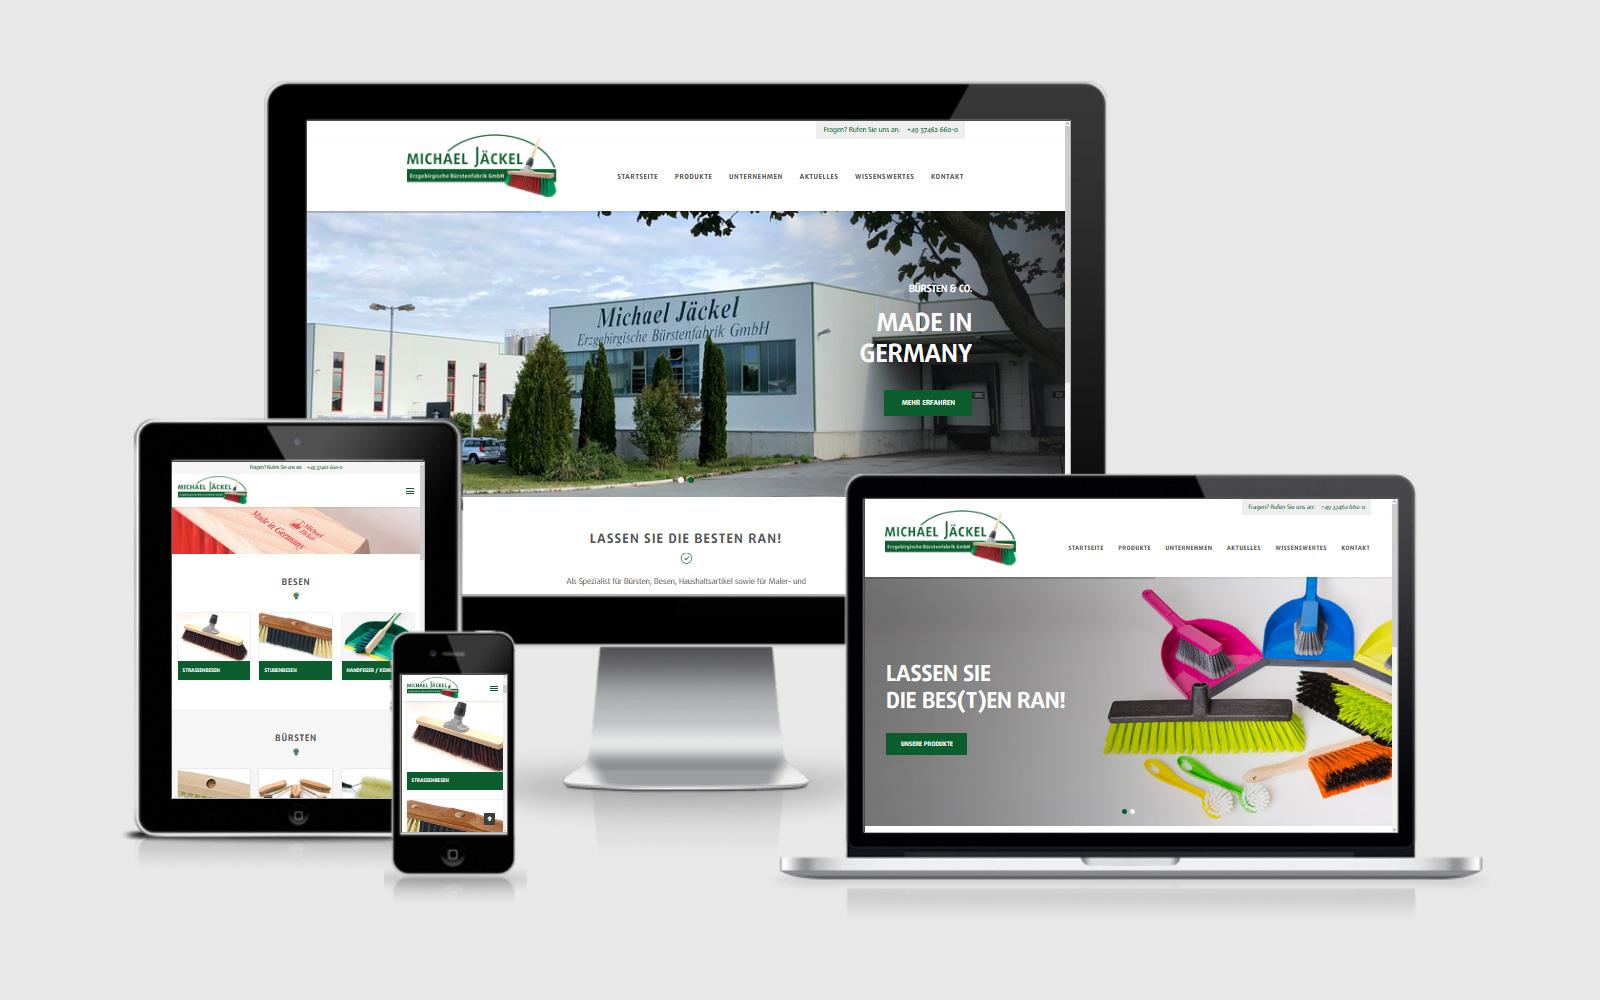 Jäckel Bürsten has a new website